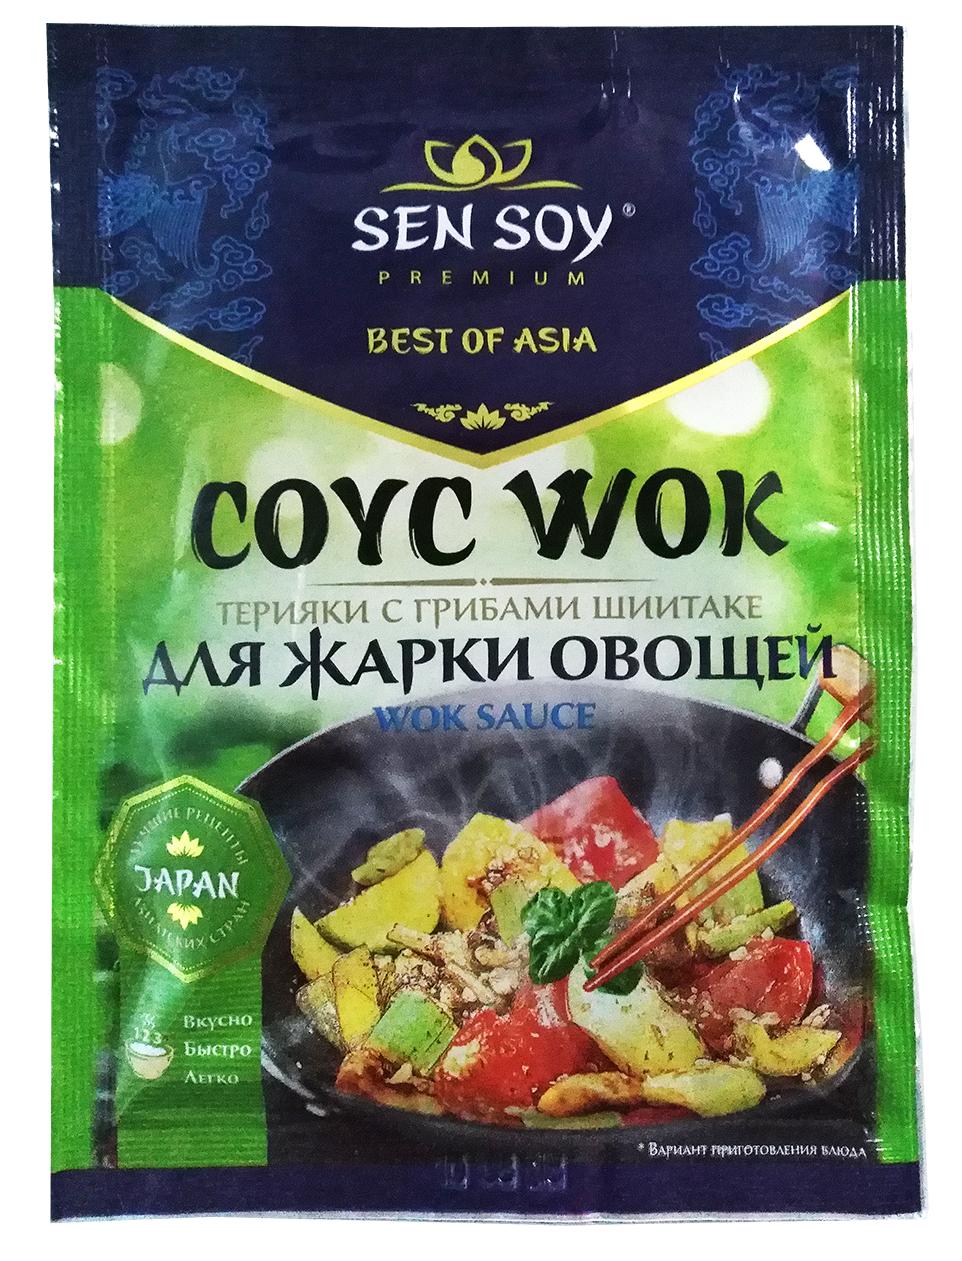 Соус Терияки Sen Soy WOK, с грибами шиитаке для жарки овощей, 80 г